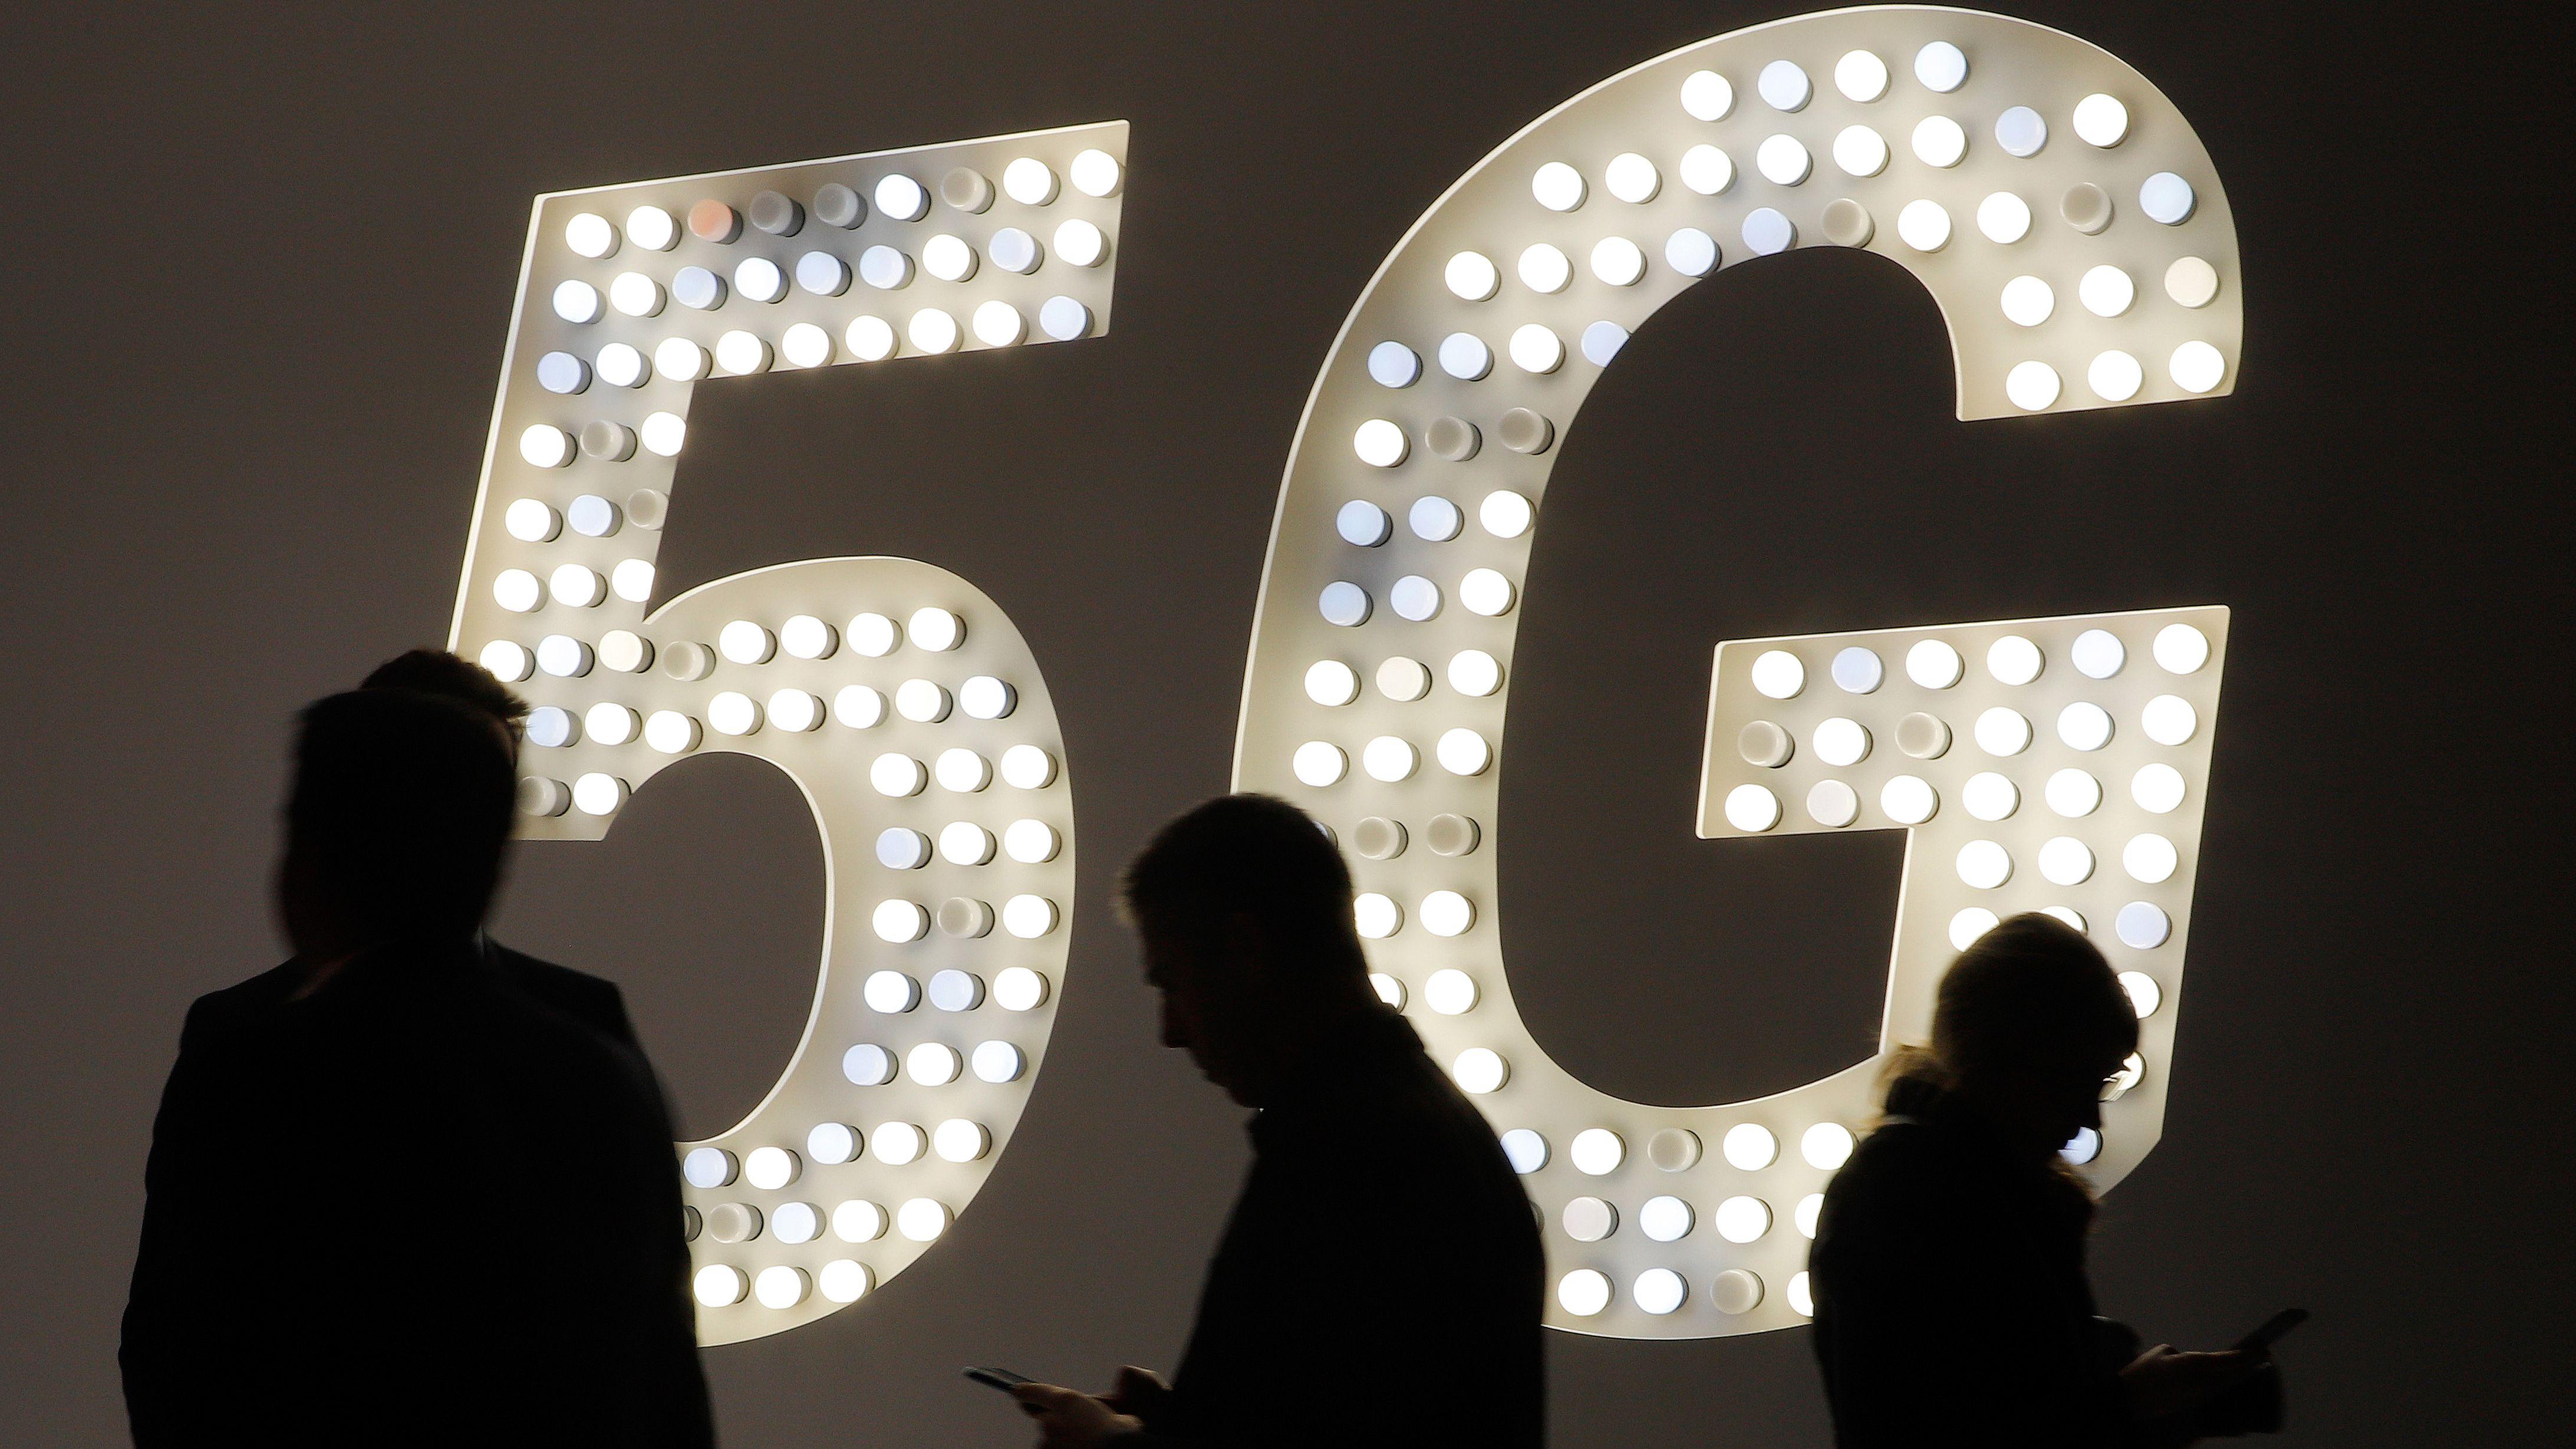 Barcelona: Besucher der Technikmesse Mobile World Congress gehen an einer Leuchttafel mit Werbung für den Mobilfunk-Standard 5G vorbei.